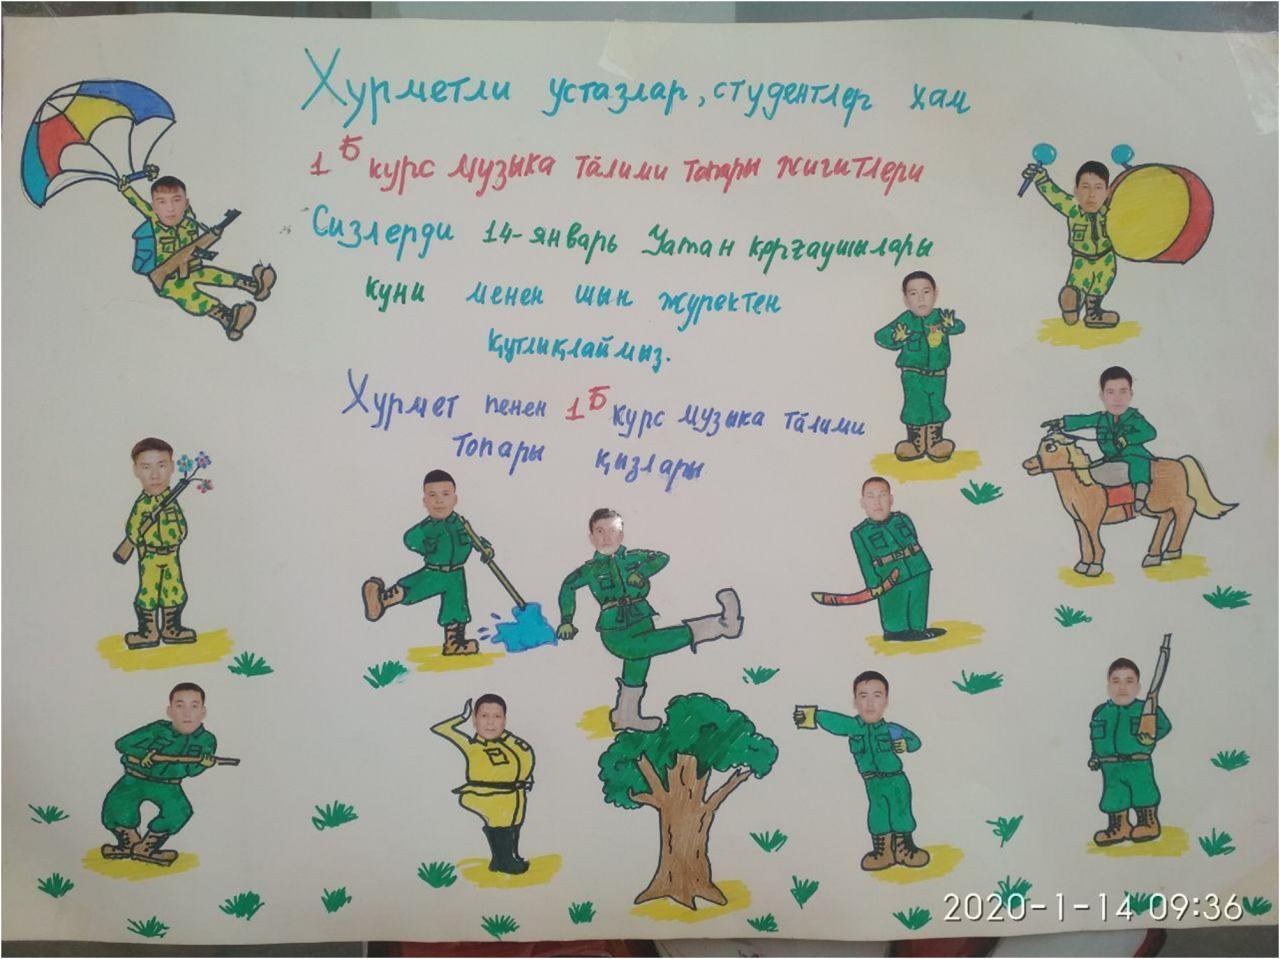 2 10 - Педагогика факультетинде байрамға арналған өзгеше плакатлар исленди